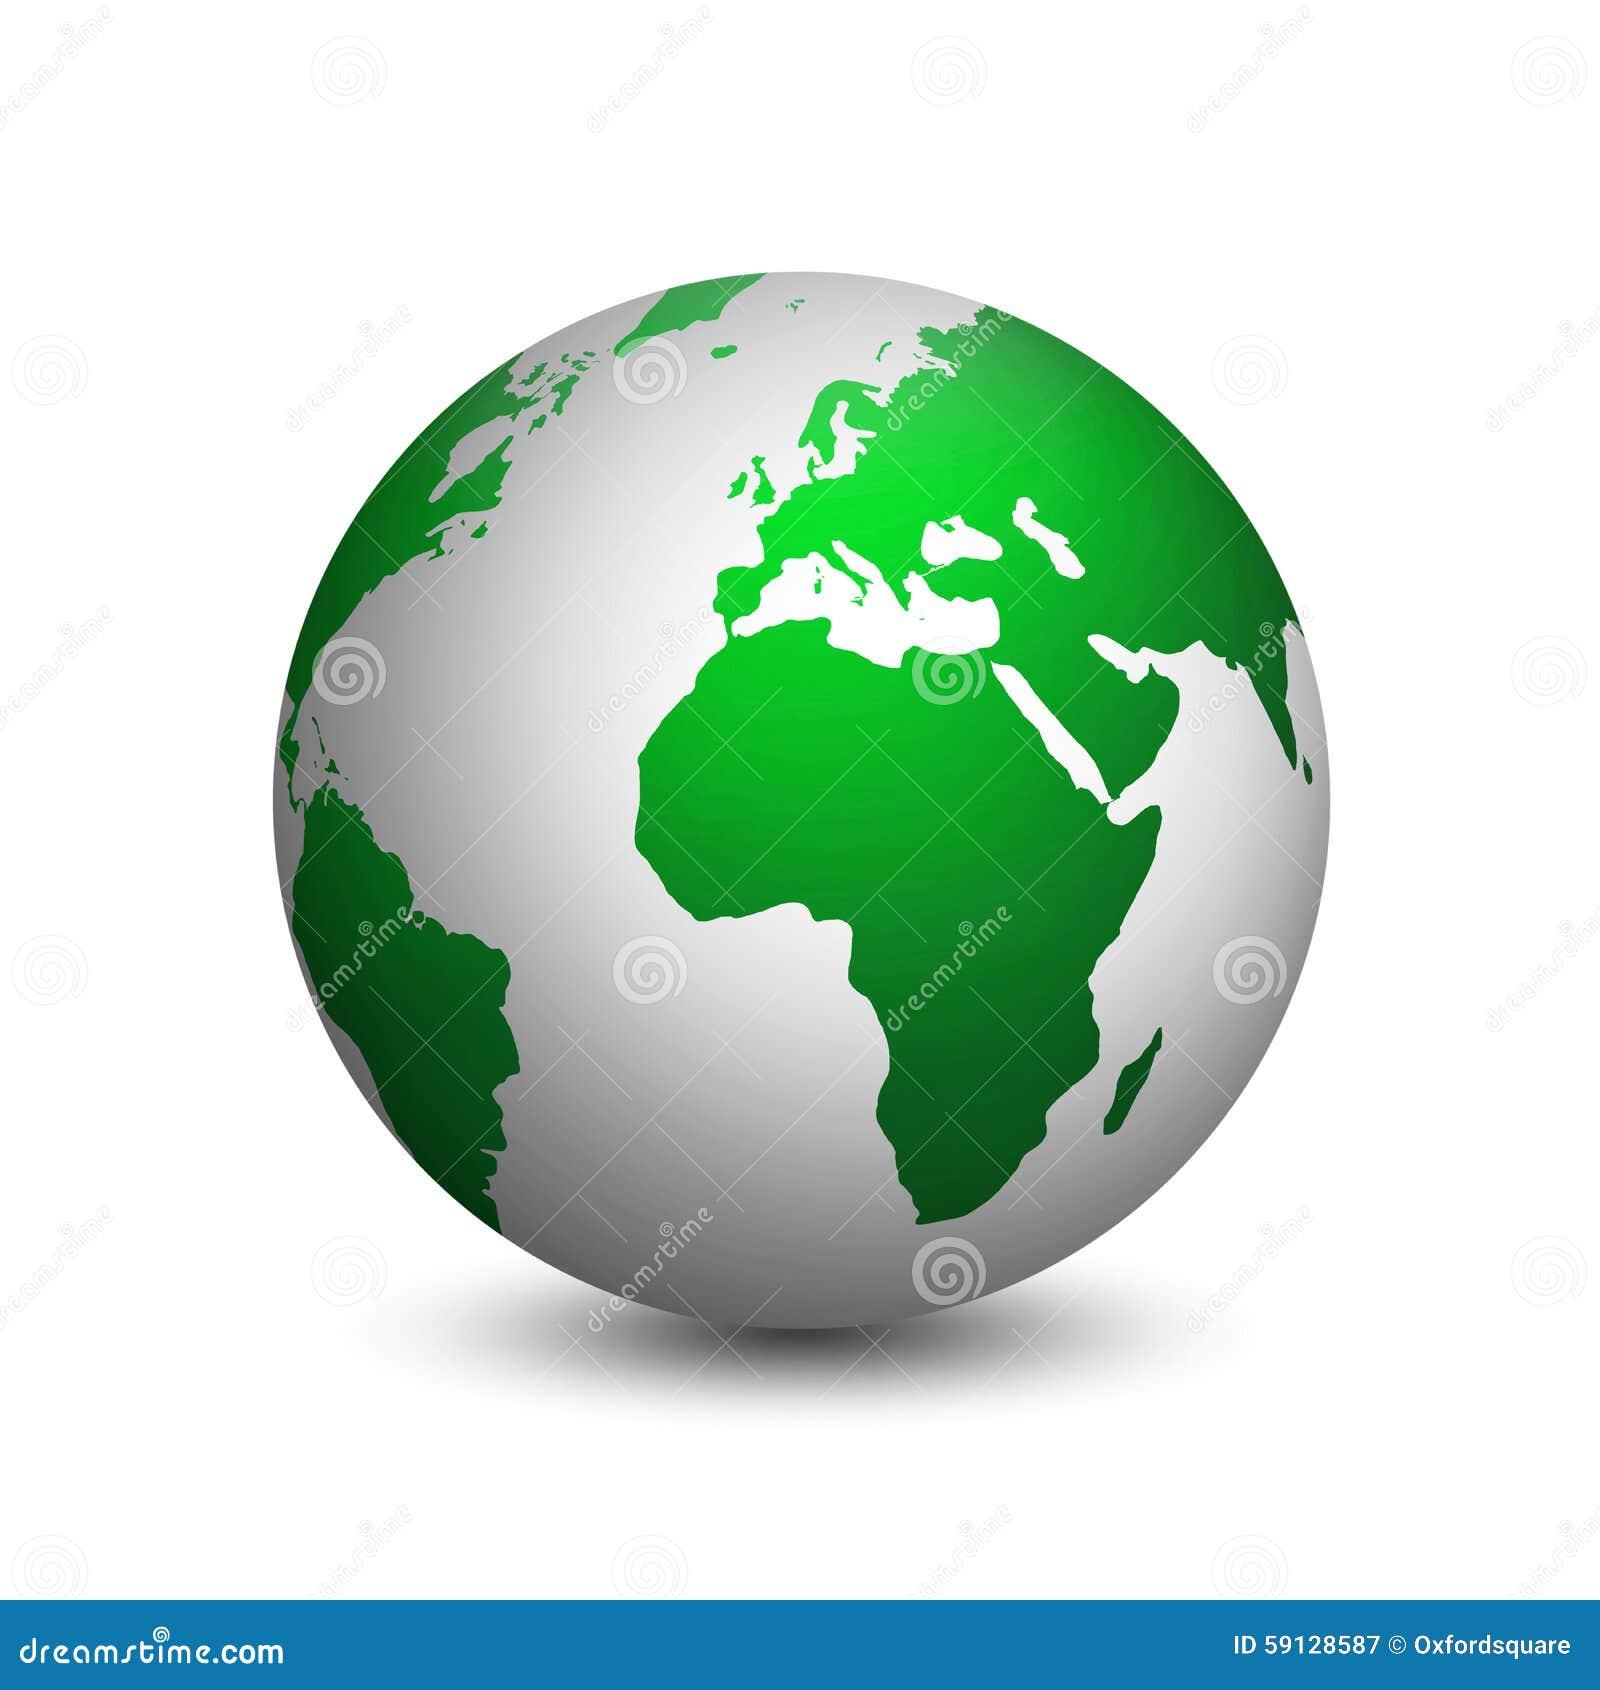 Moderne die aarde in groen wordt gekleurd